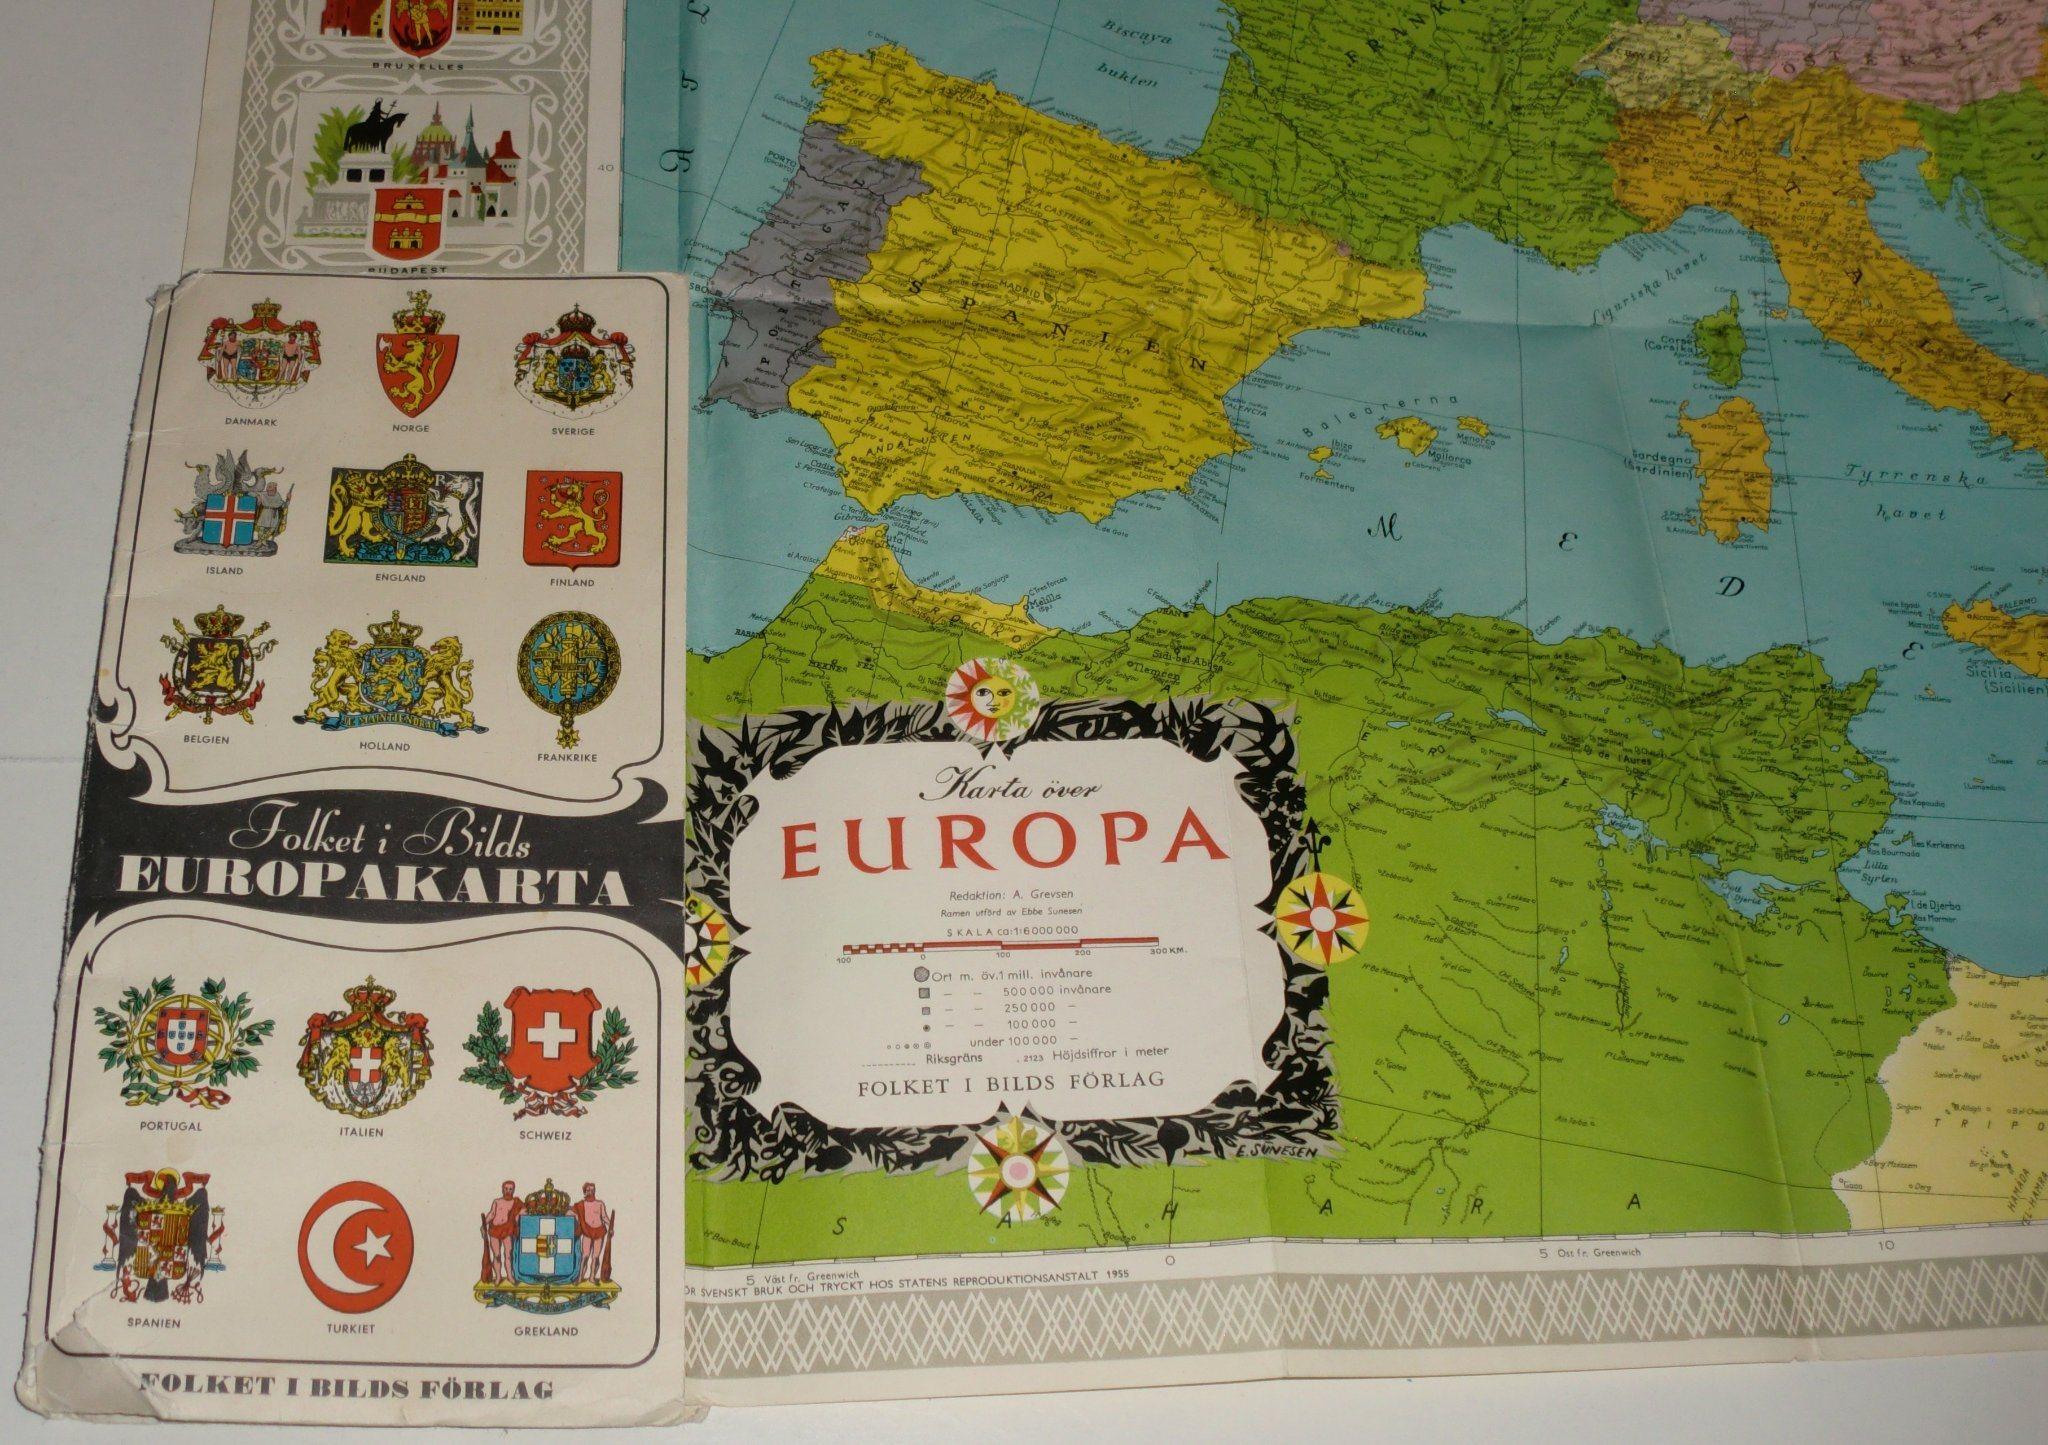 Karta Europa Pa Svenska.Karta Europa Folket I Bilds Forlag Fib State 344524930 ᐈ Kop